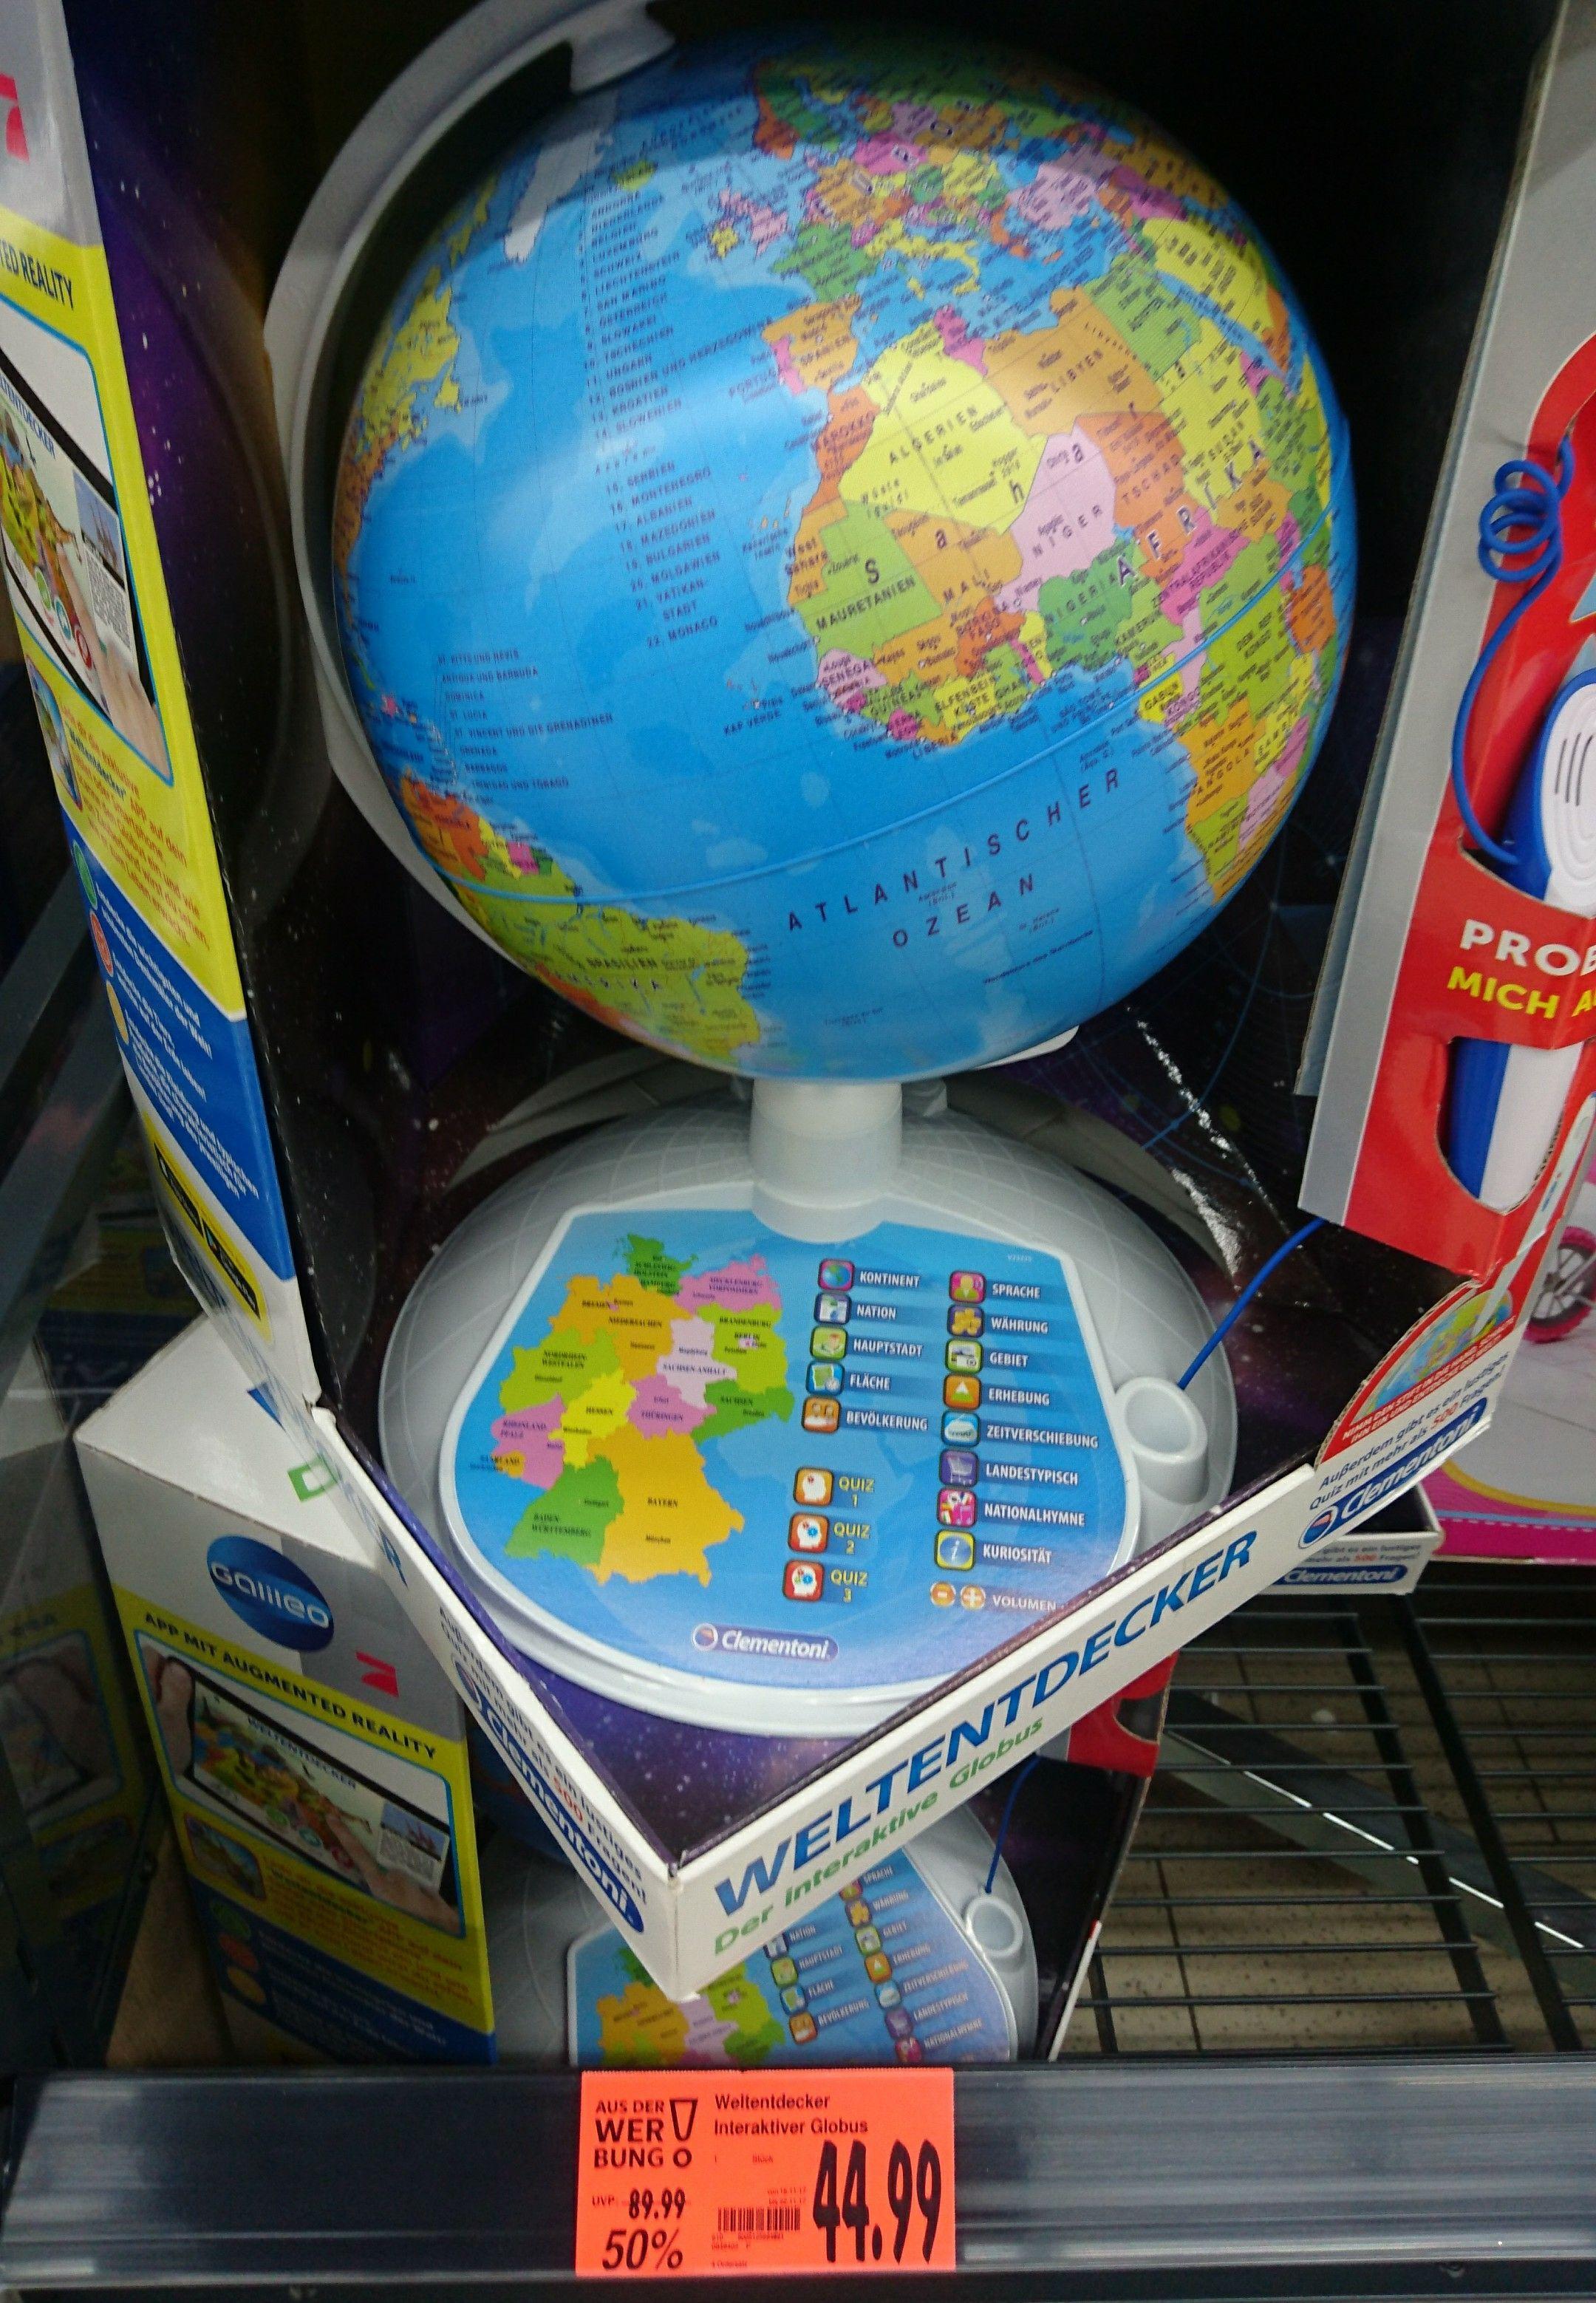 Galileo interaktiver Globus Clementoni im Kaufland für 44,99€ statt 64,90€